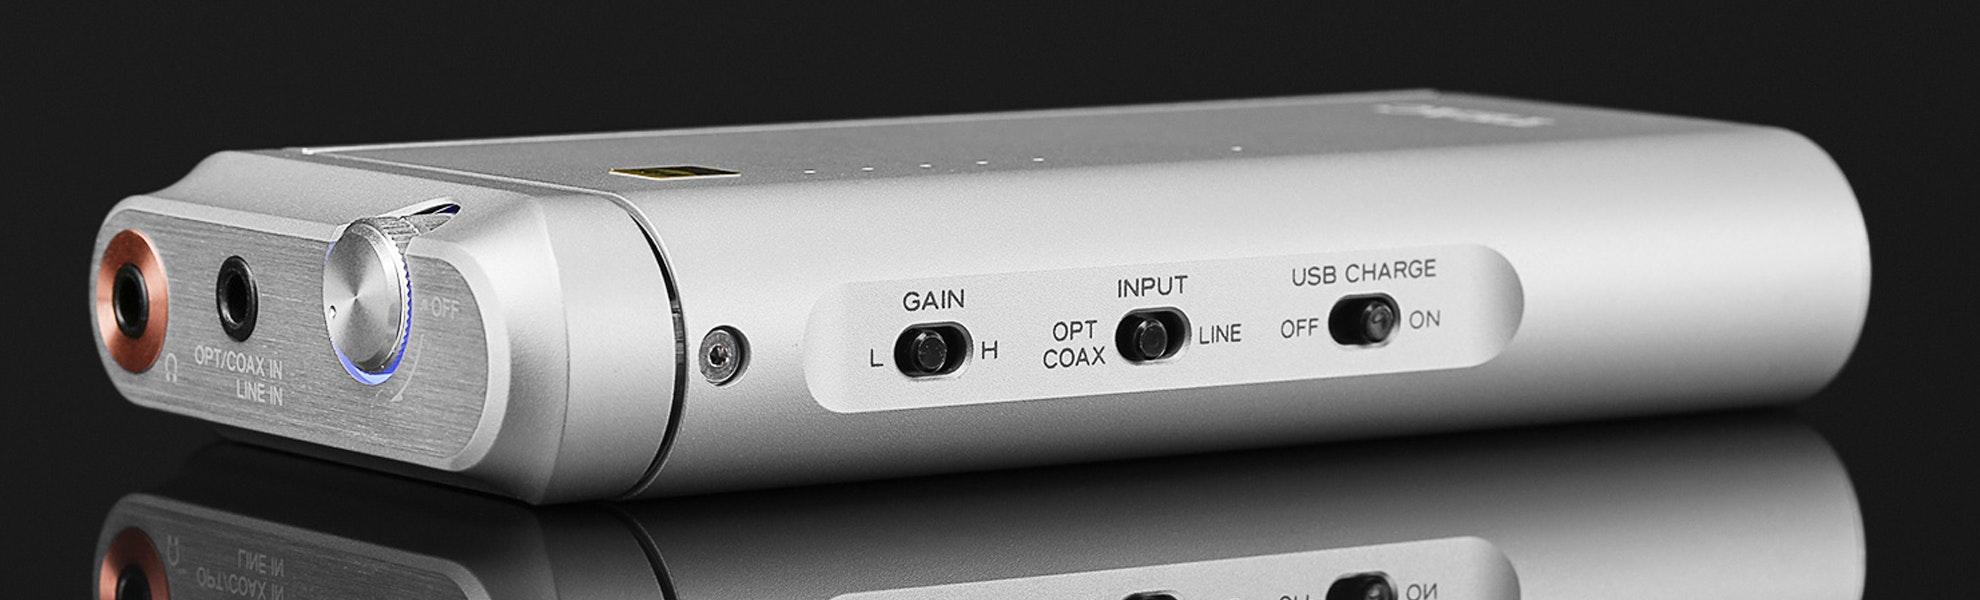 TEAC HA-P5 Portable DAC/Amp